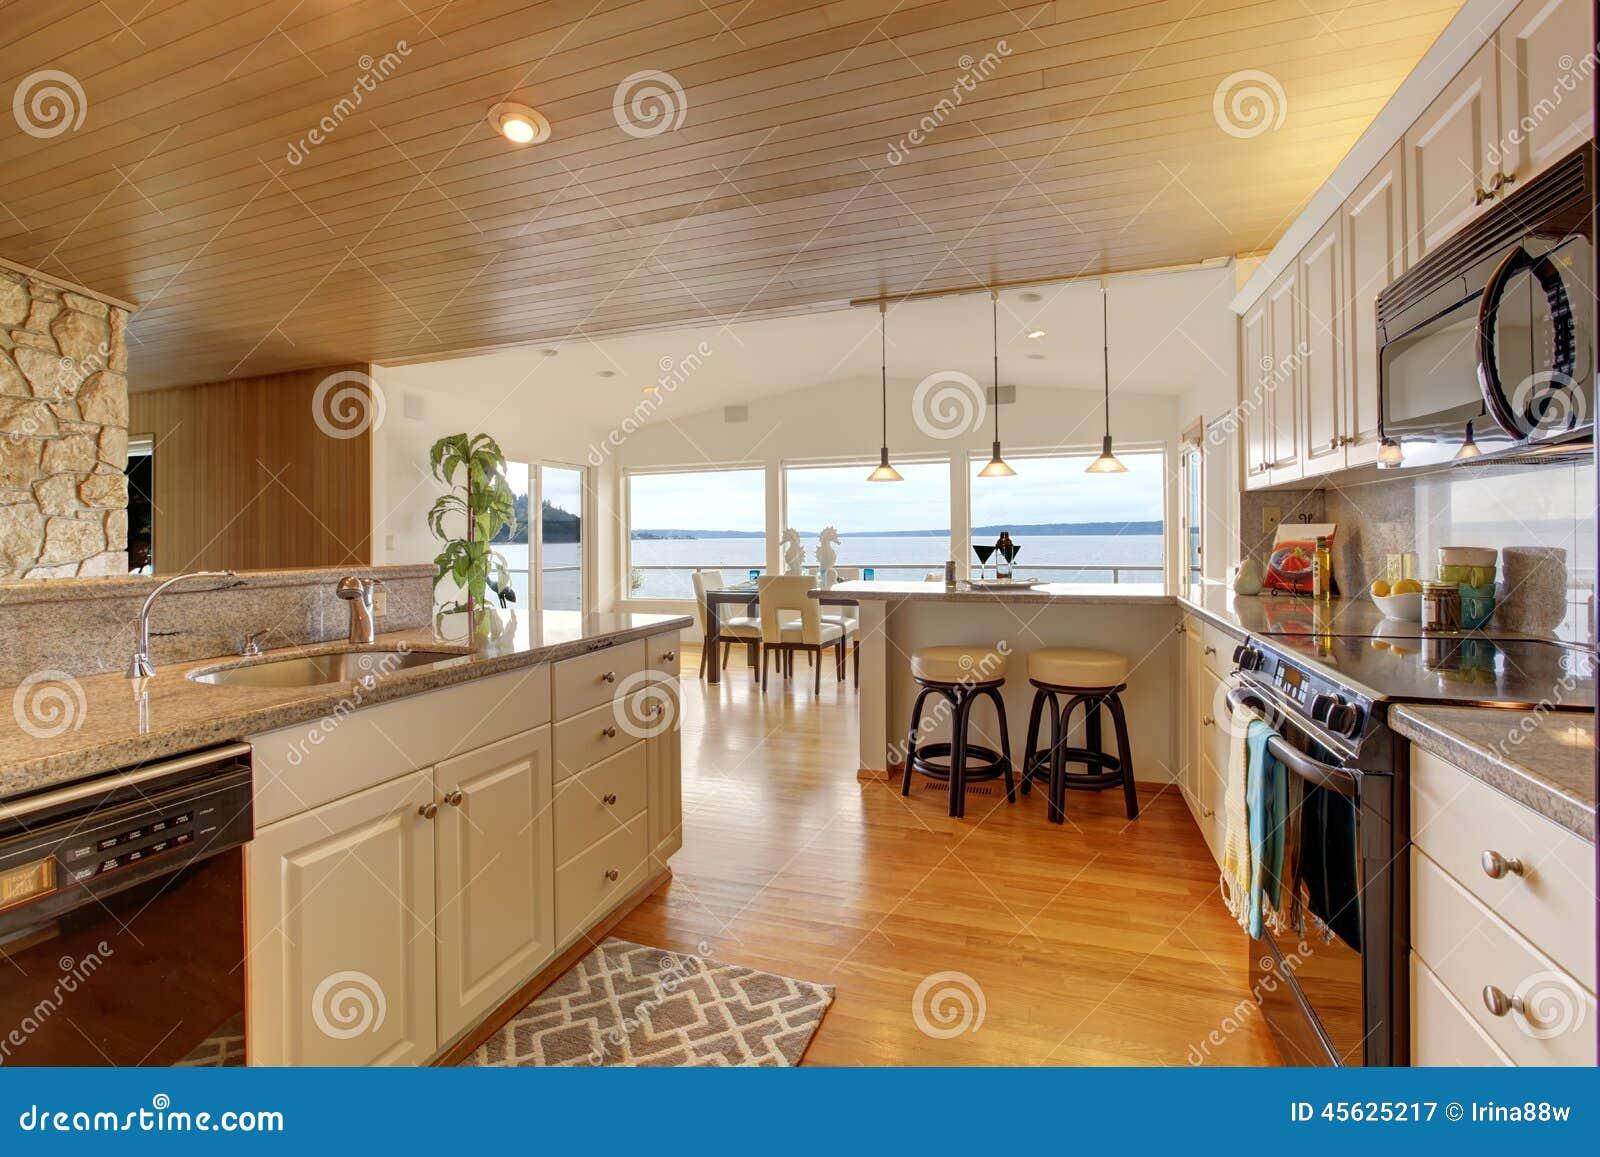 r gion de cuisine avec le plafond et le plancher en bois dur lambriss s image stock image du. Black Bedroom Furniture Sets. Home Design Ideas